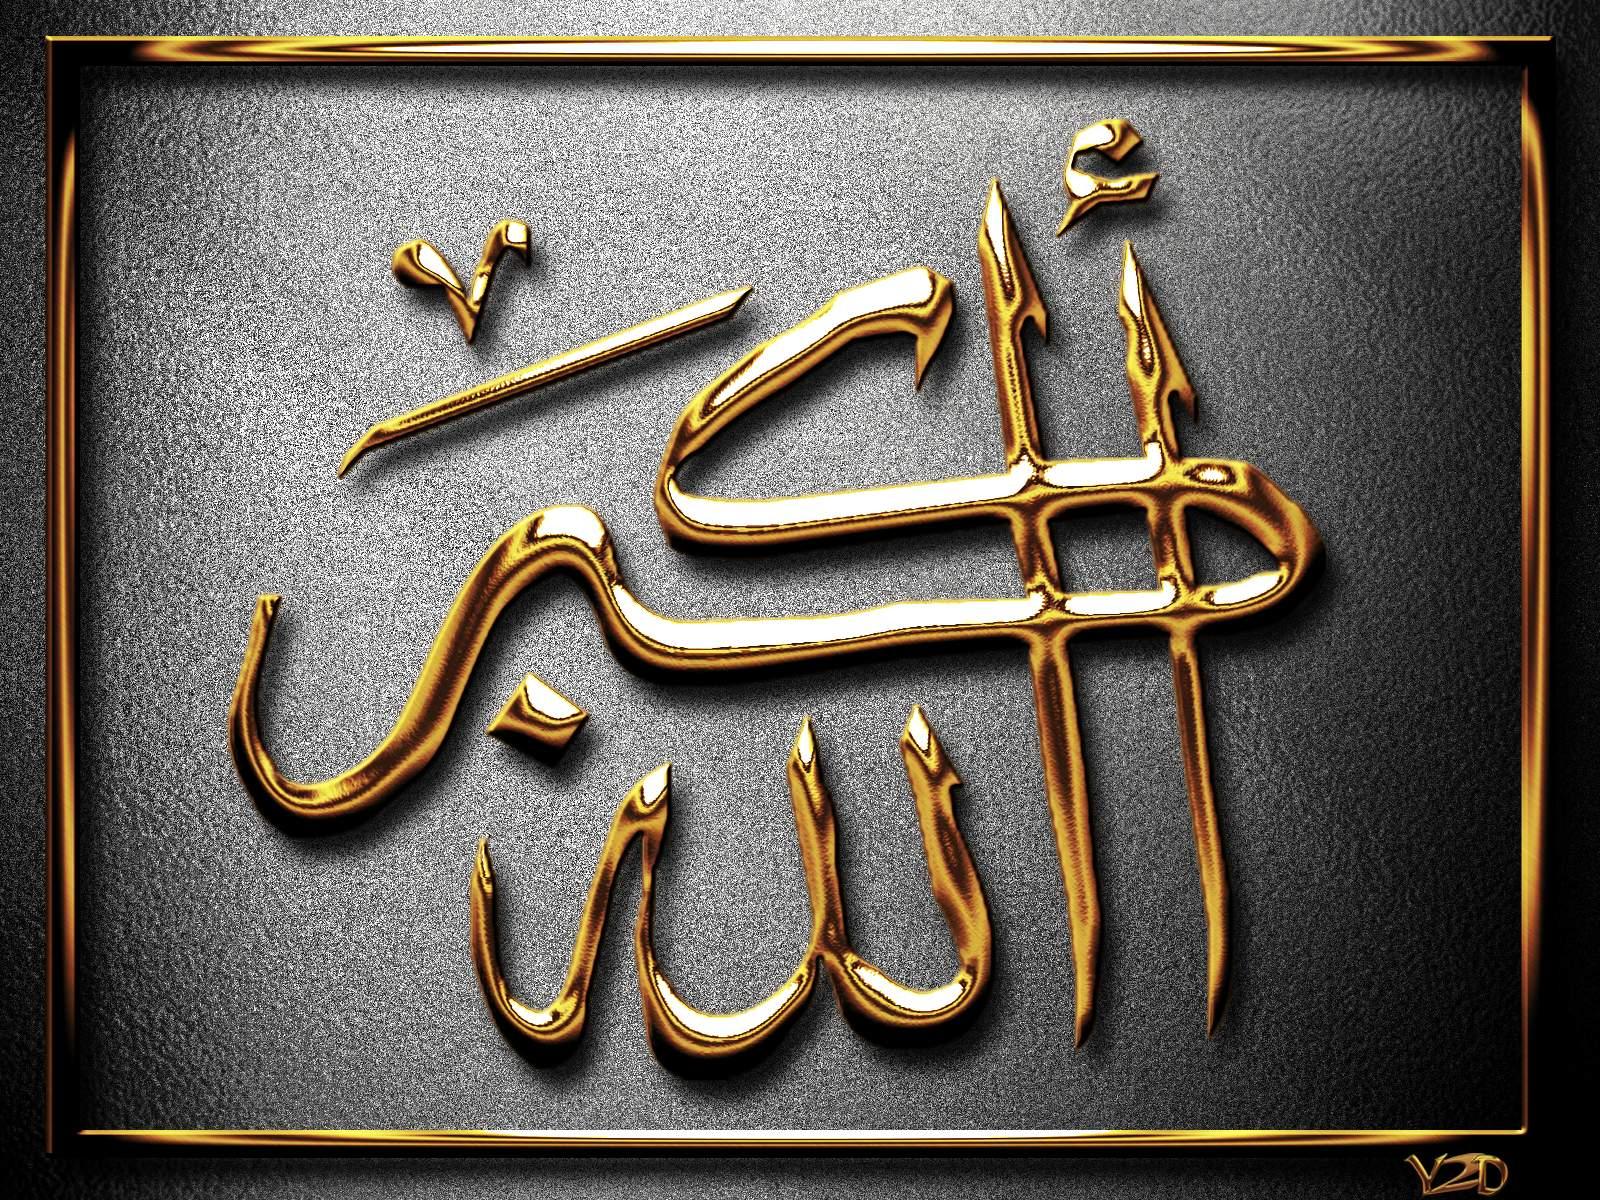 صور عليها كلام اسلامي وديني وادعية (3)